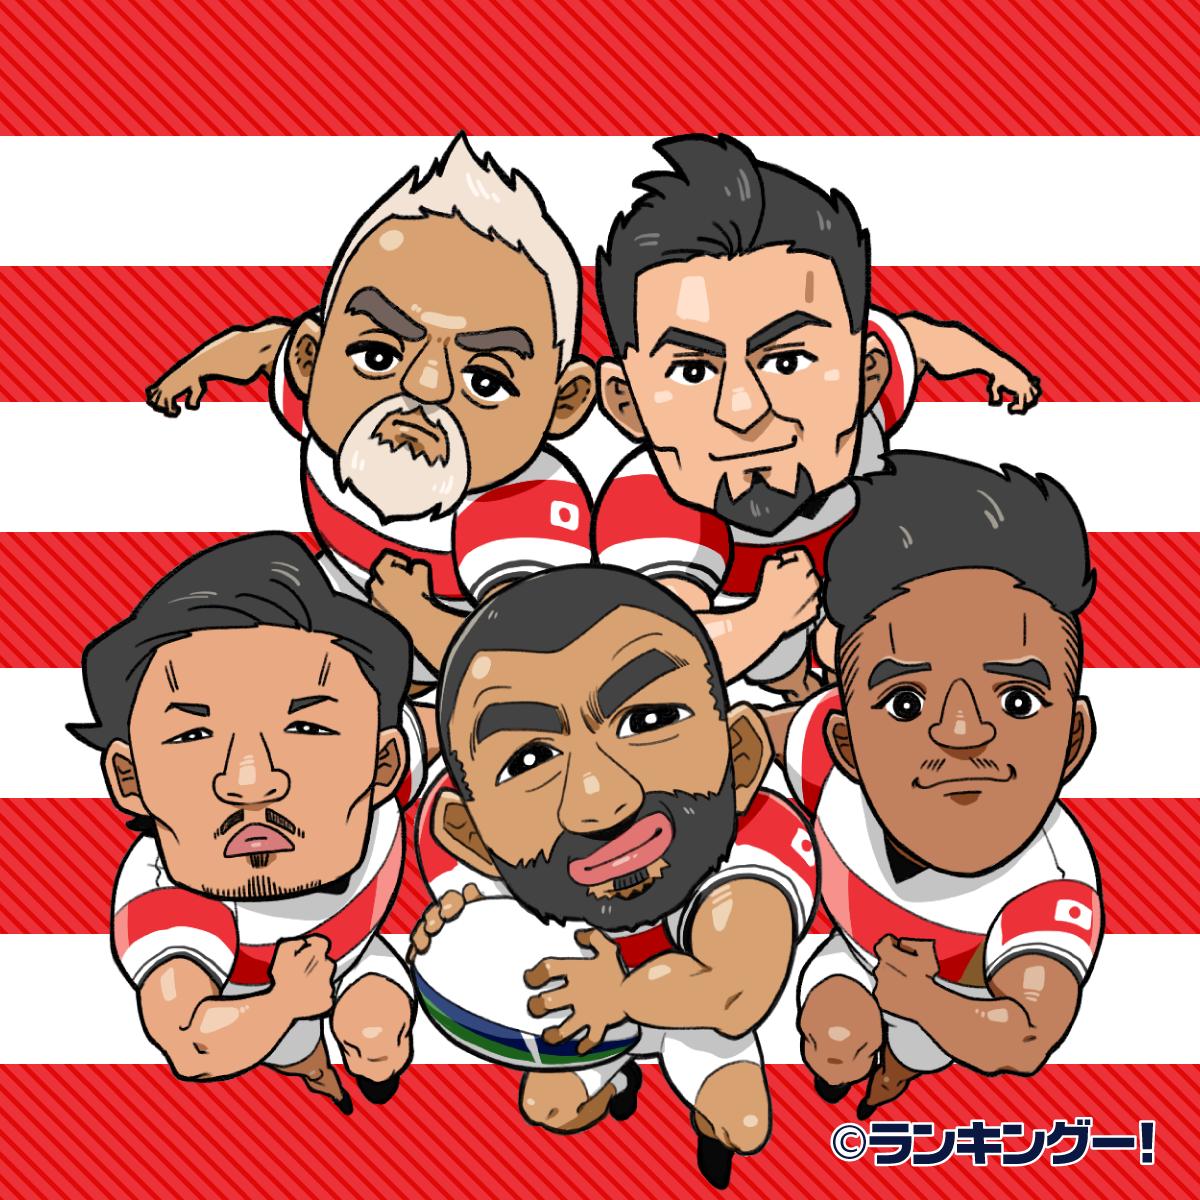 祝・ベスト8】ラグビー日本代表ありがとう!みんなが決めるMVP選手 ...